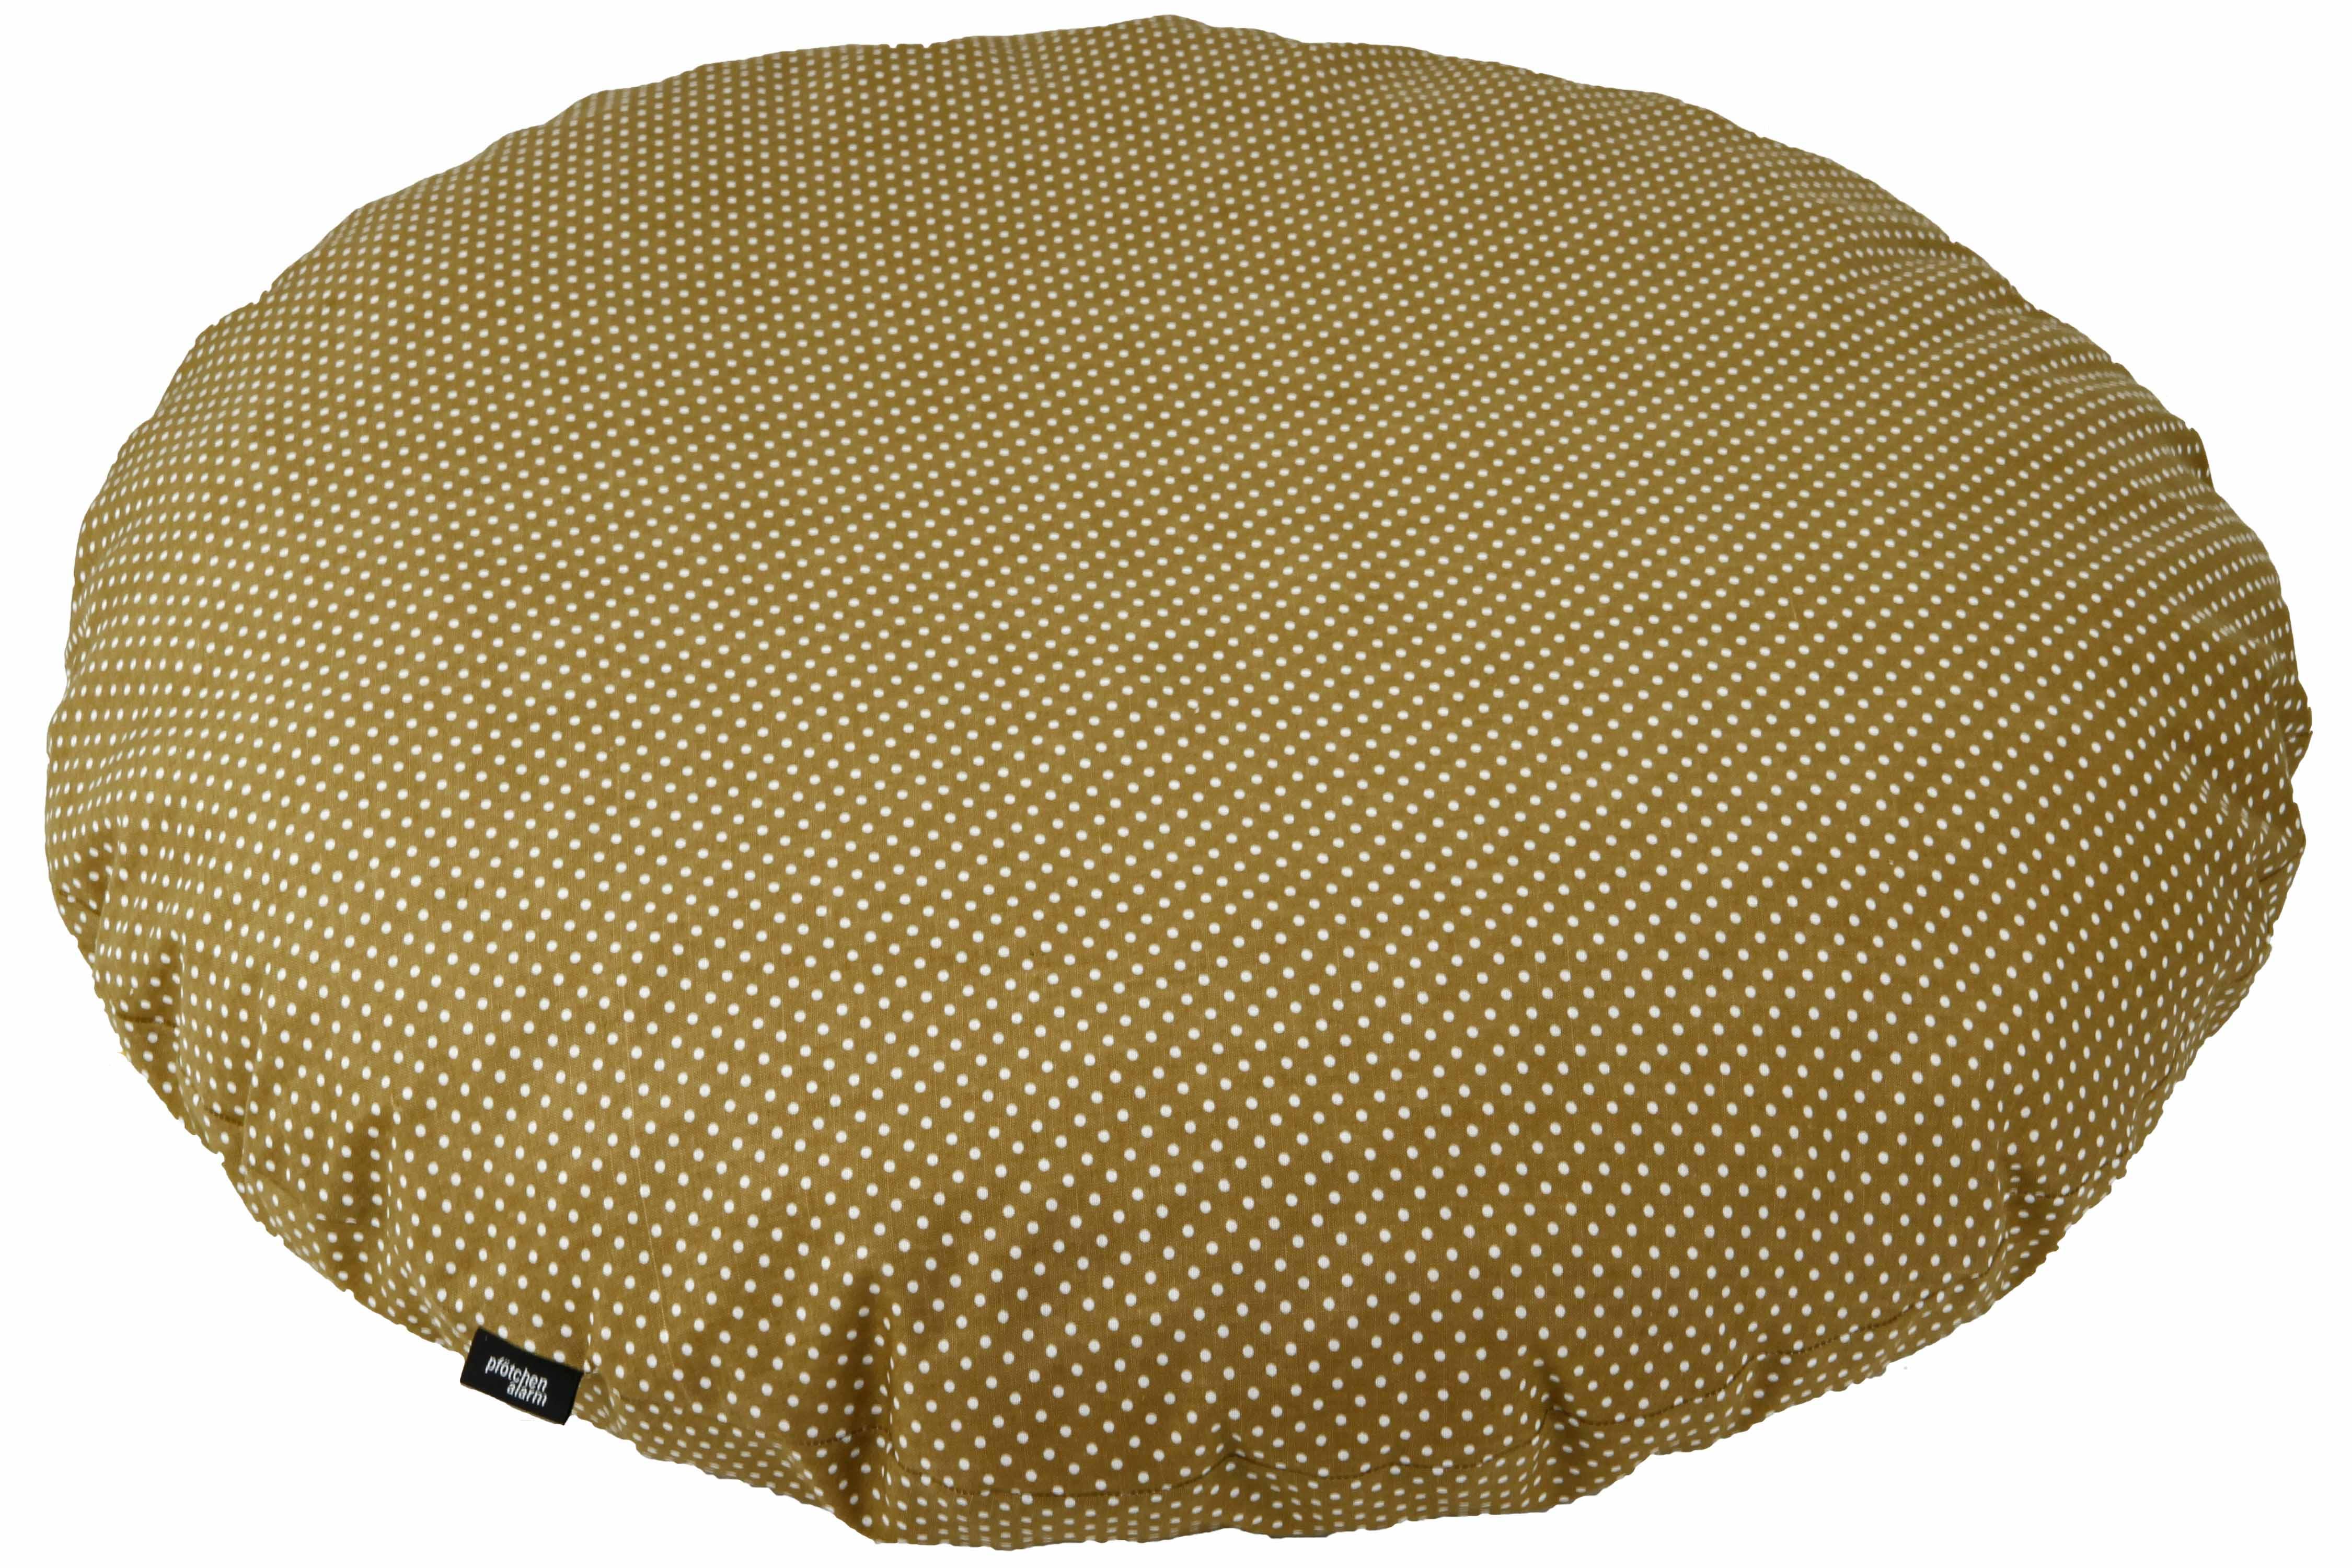 rund 60 cm mosaiktisch rund cm metak mosaiktisch rund cm yena with rund 60 cm stunning. Black Bedroom Furniture Sets. Home Design Ideas